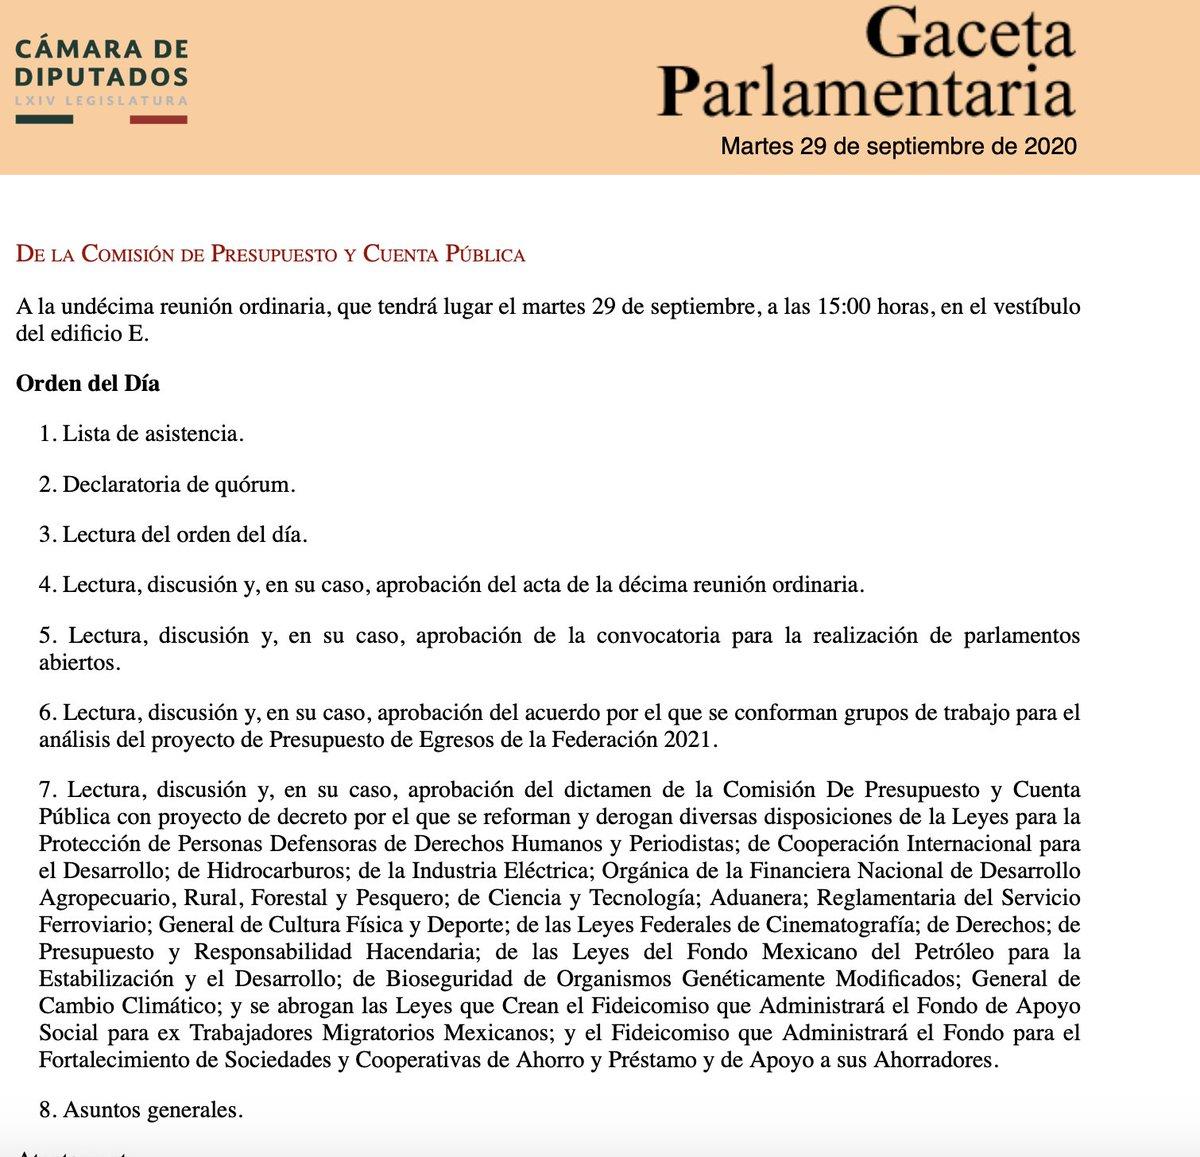 En México, a las 15:00 hrs de hoy, 29 septiembre, se discute y vota, en la Comisión de Presupuesto de la Cámara de Diputados, el proyecto de decreto que extingue los fideicomisos de investigación científica #FideicomisoPorLaCiencia #FideicomisosDeCiencia https://t.co/RF3EdBfC5E